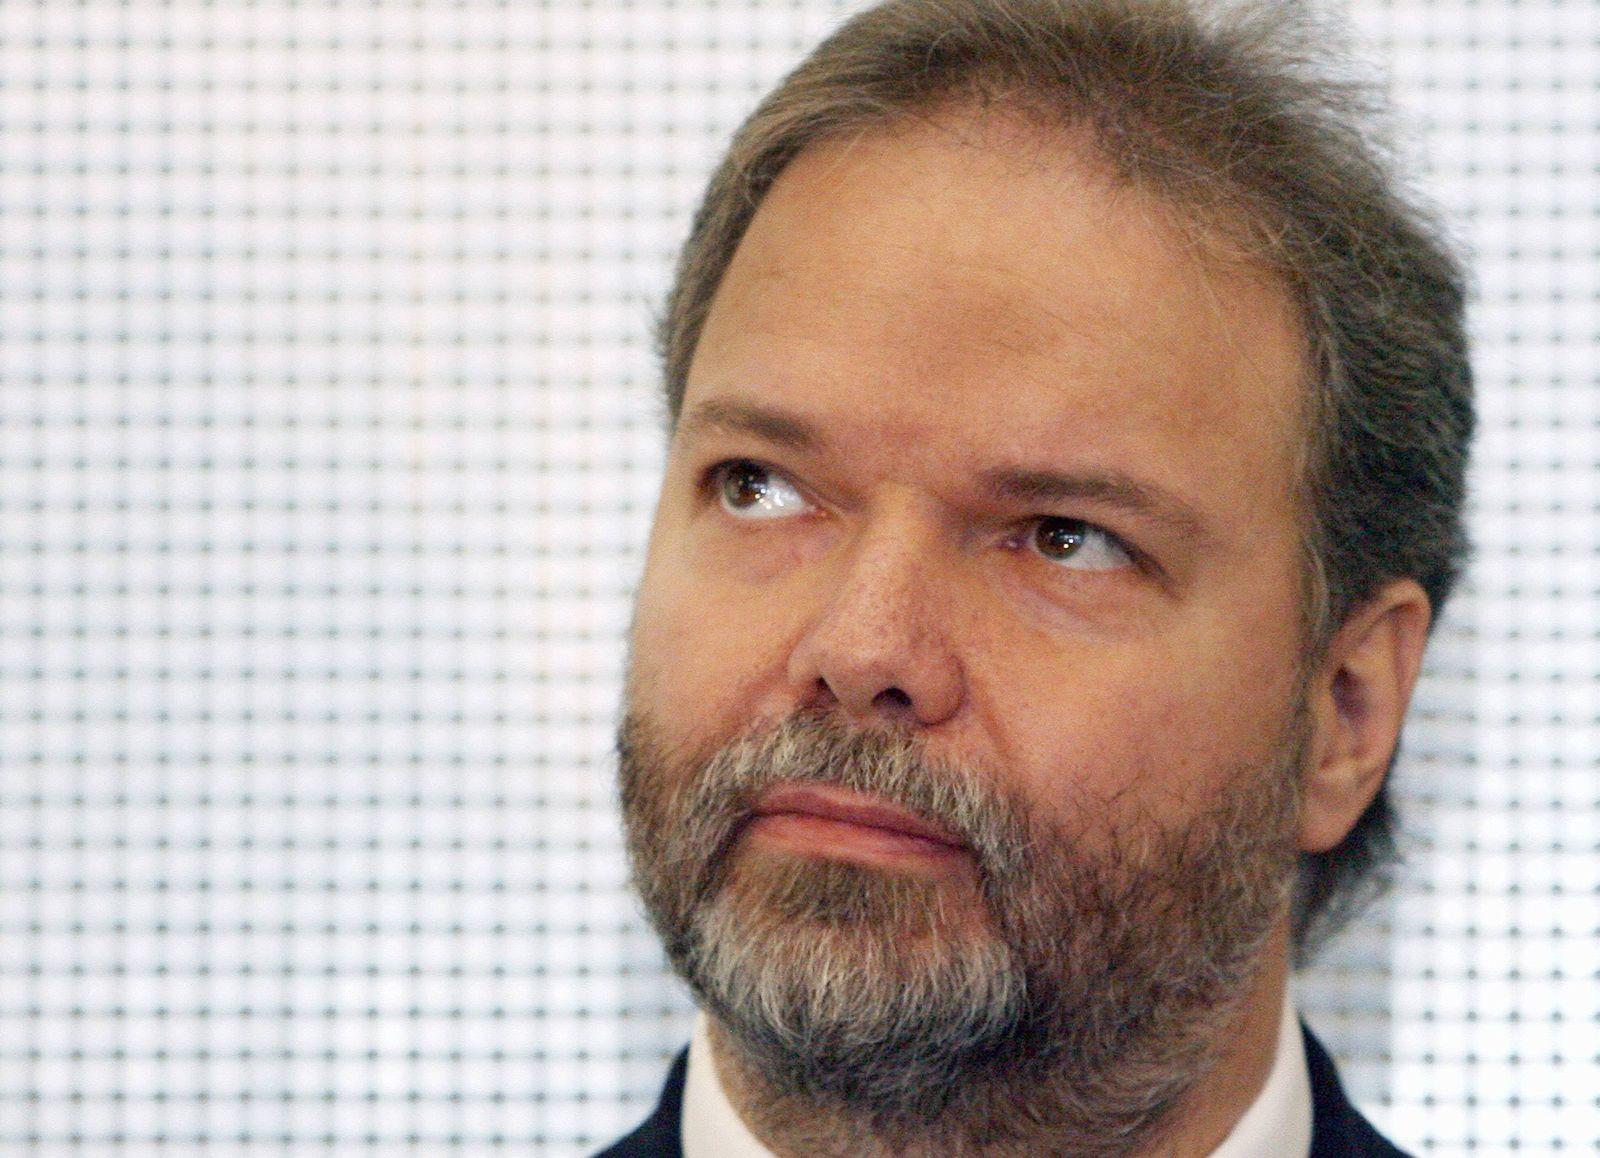 NICHT VERWENDEN Verhandlung ueber Claassens Klage gegen EnBW im August